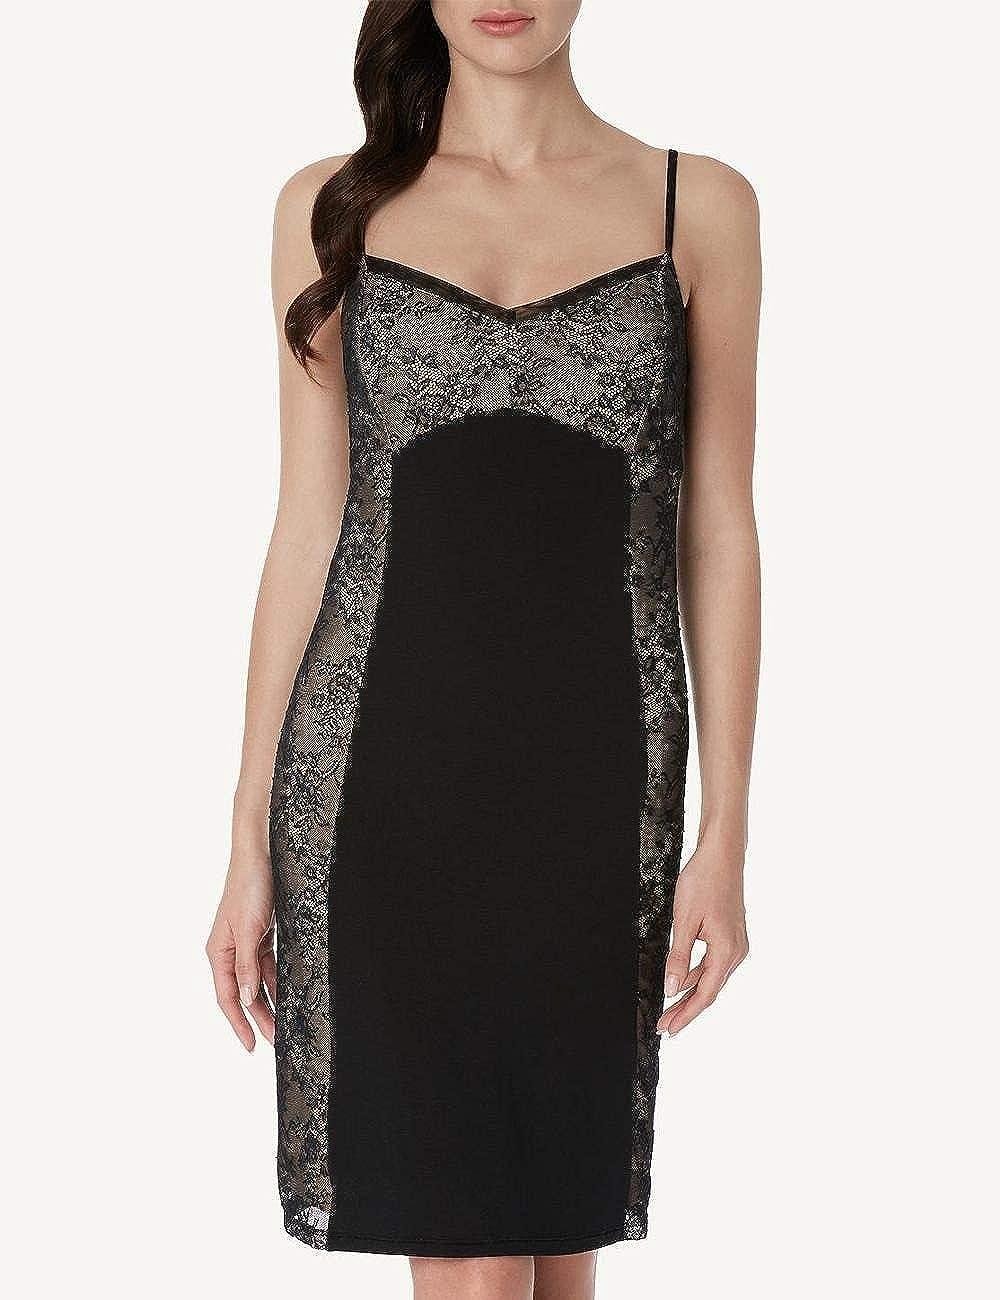 48d360616fdb Intimissimi Womens Bonded Lace and Viscose Slip: Amazon.co.uk: Clothing